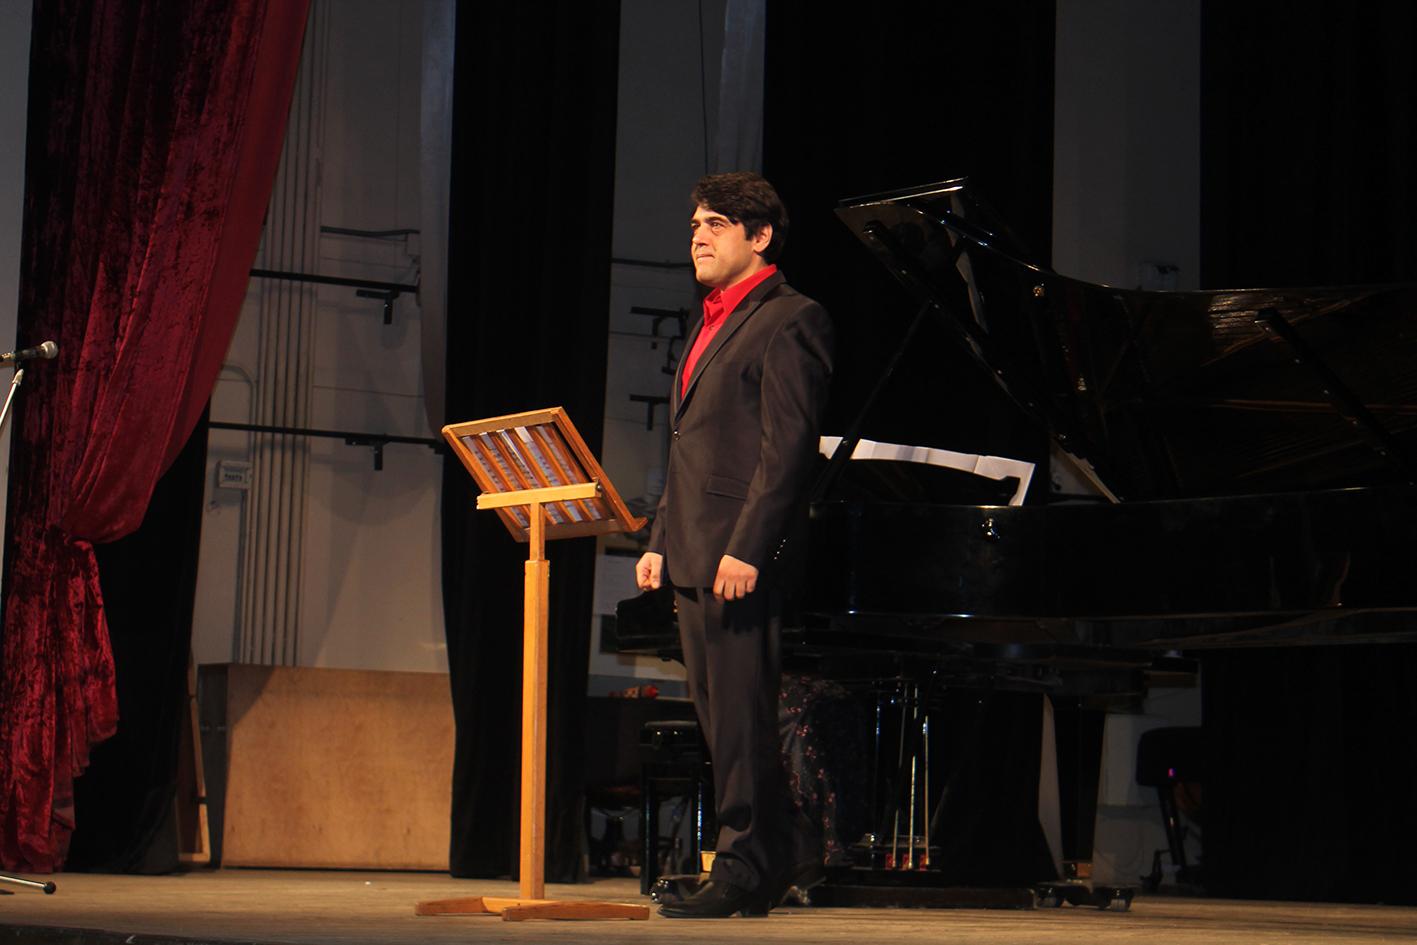 Іспанські мотиви на сцені філармонійного центру (Фото)